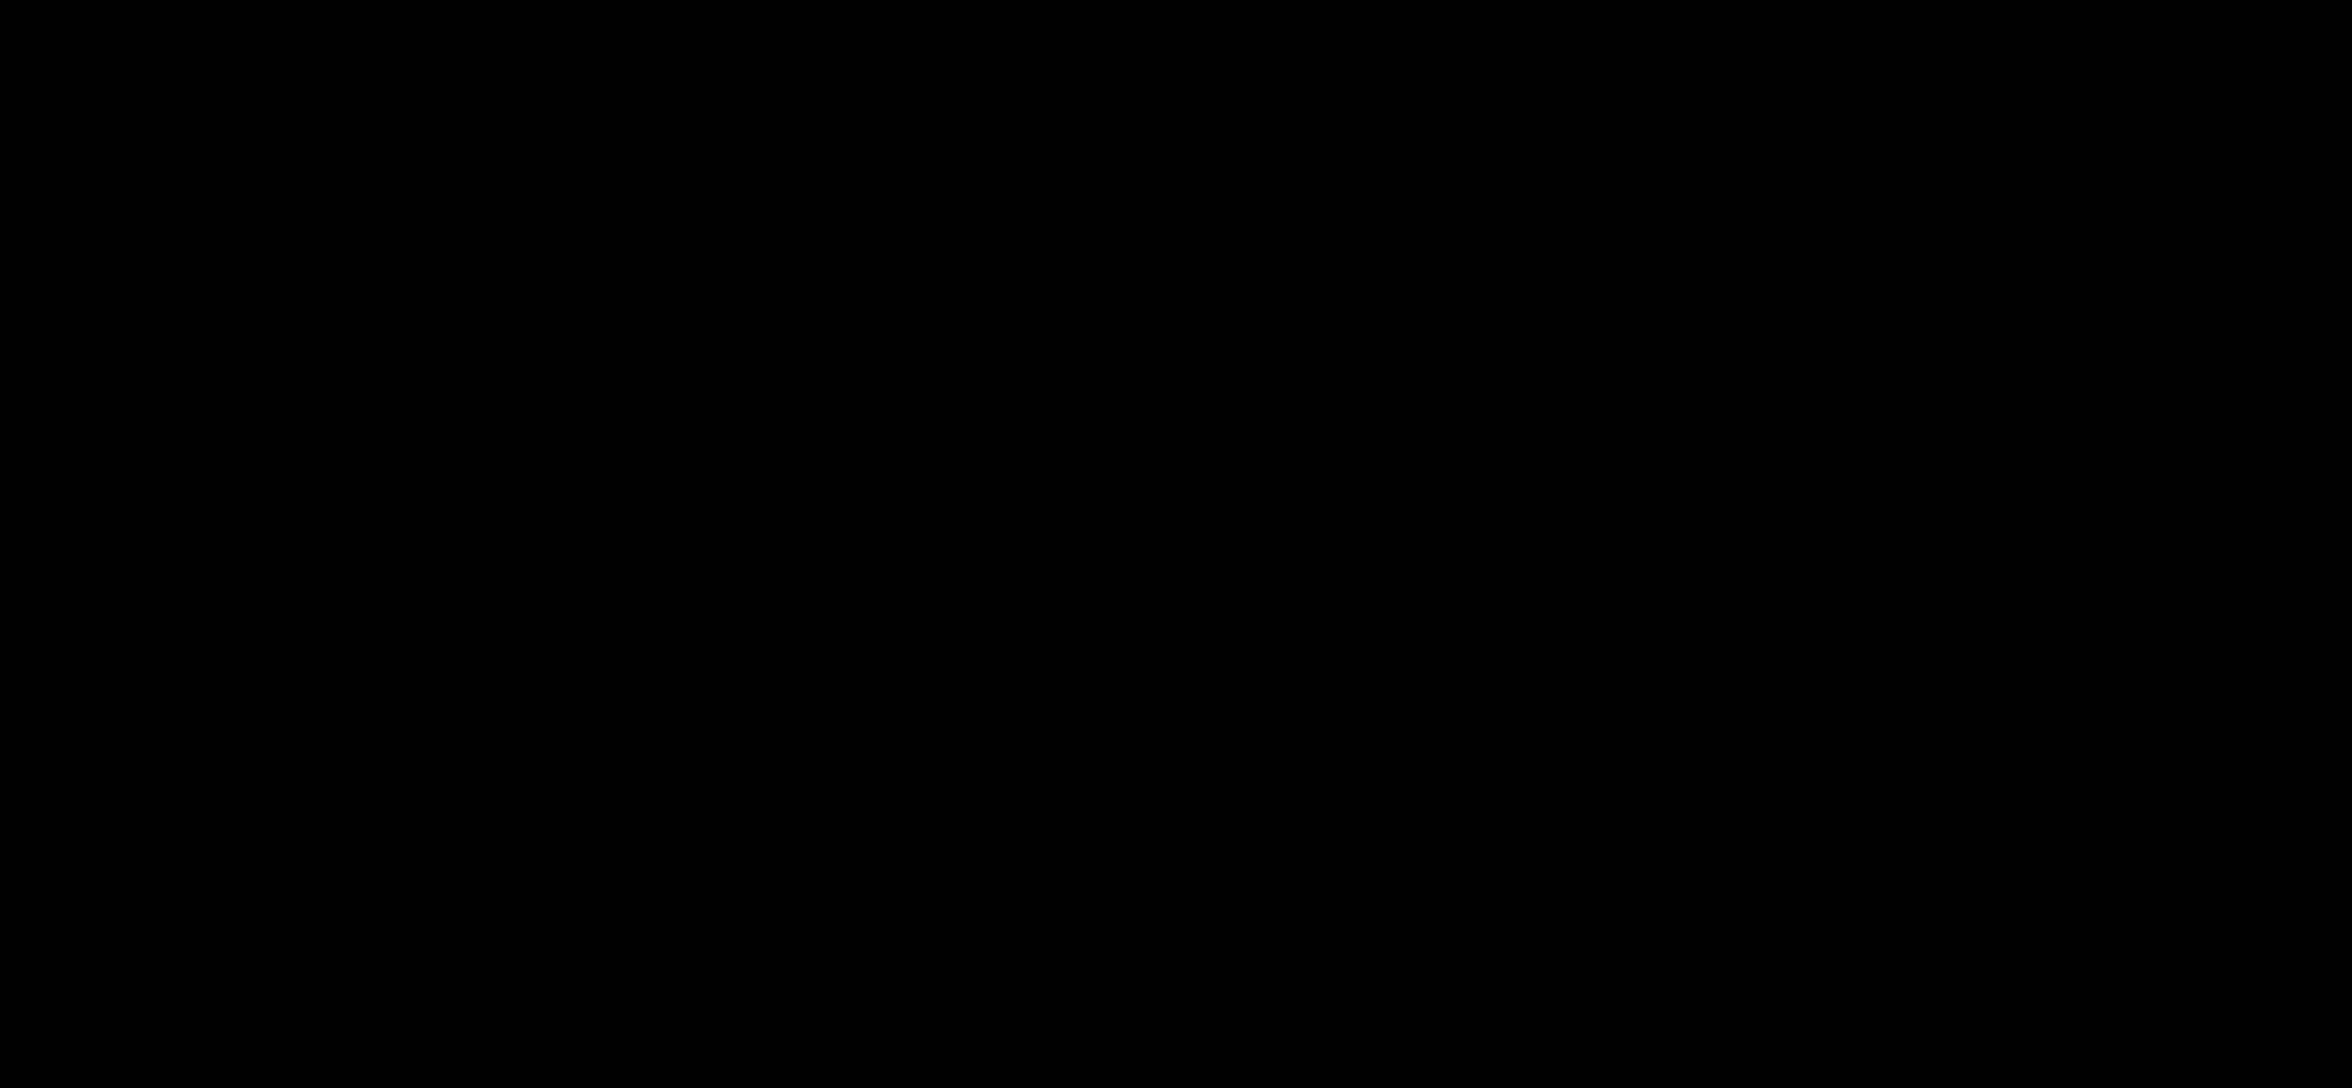 Rog Phone Ii Zs660kl ゲーミングスマートフォン